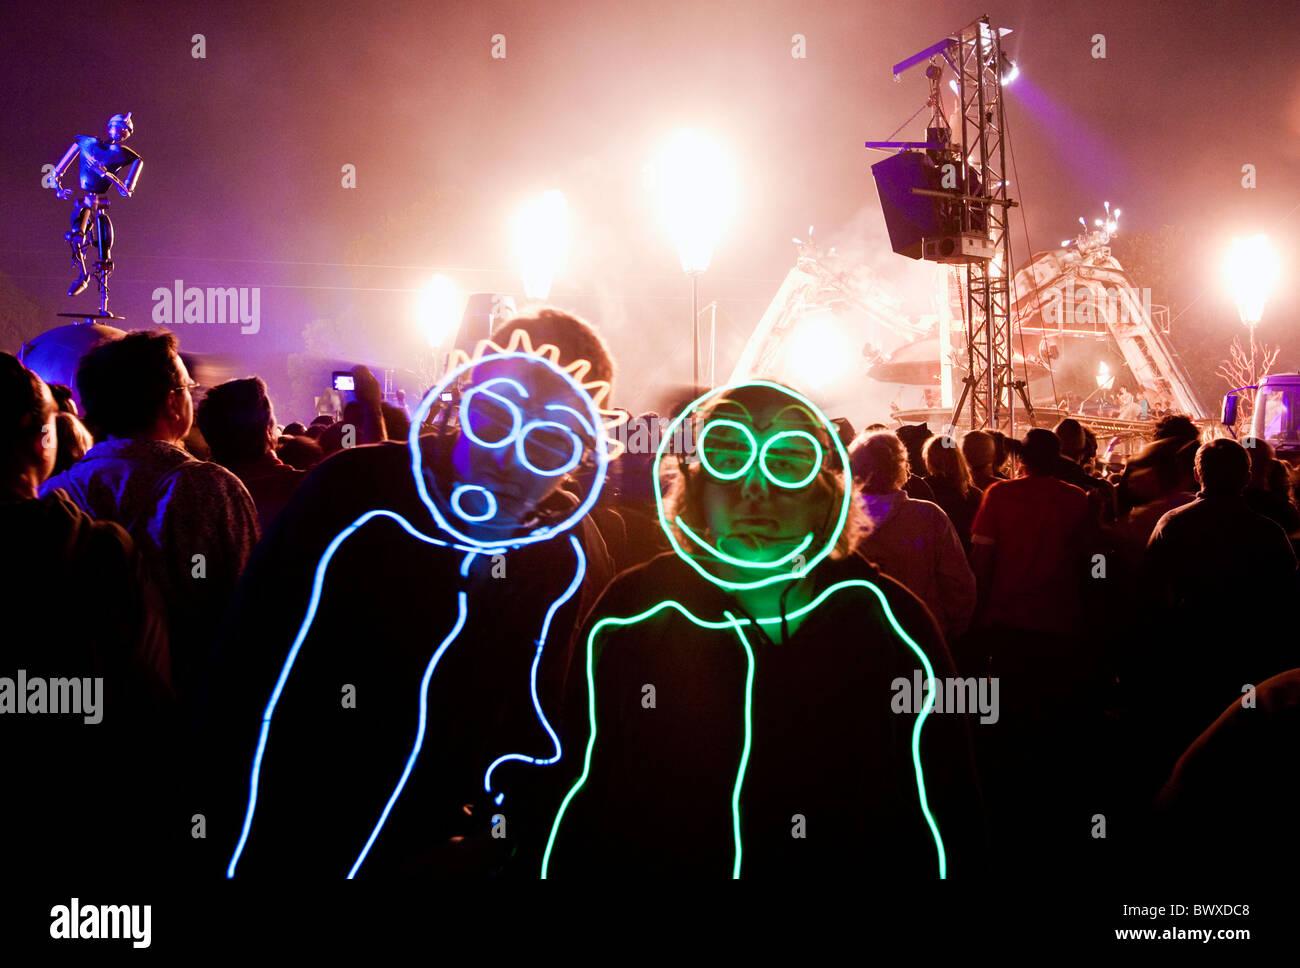 Los asistentes al festival en trajes luminosa cerca de Arcadia festival Glastonbury Somerset, Reino Unido Europa Imagen De Stock